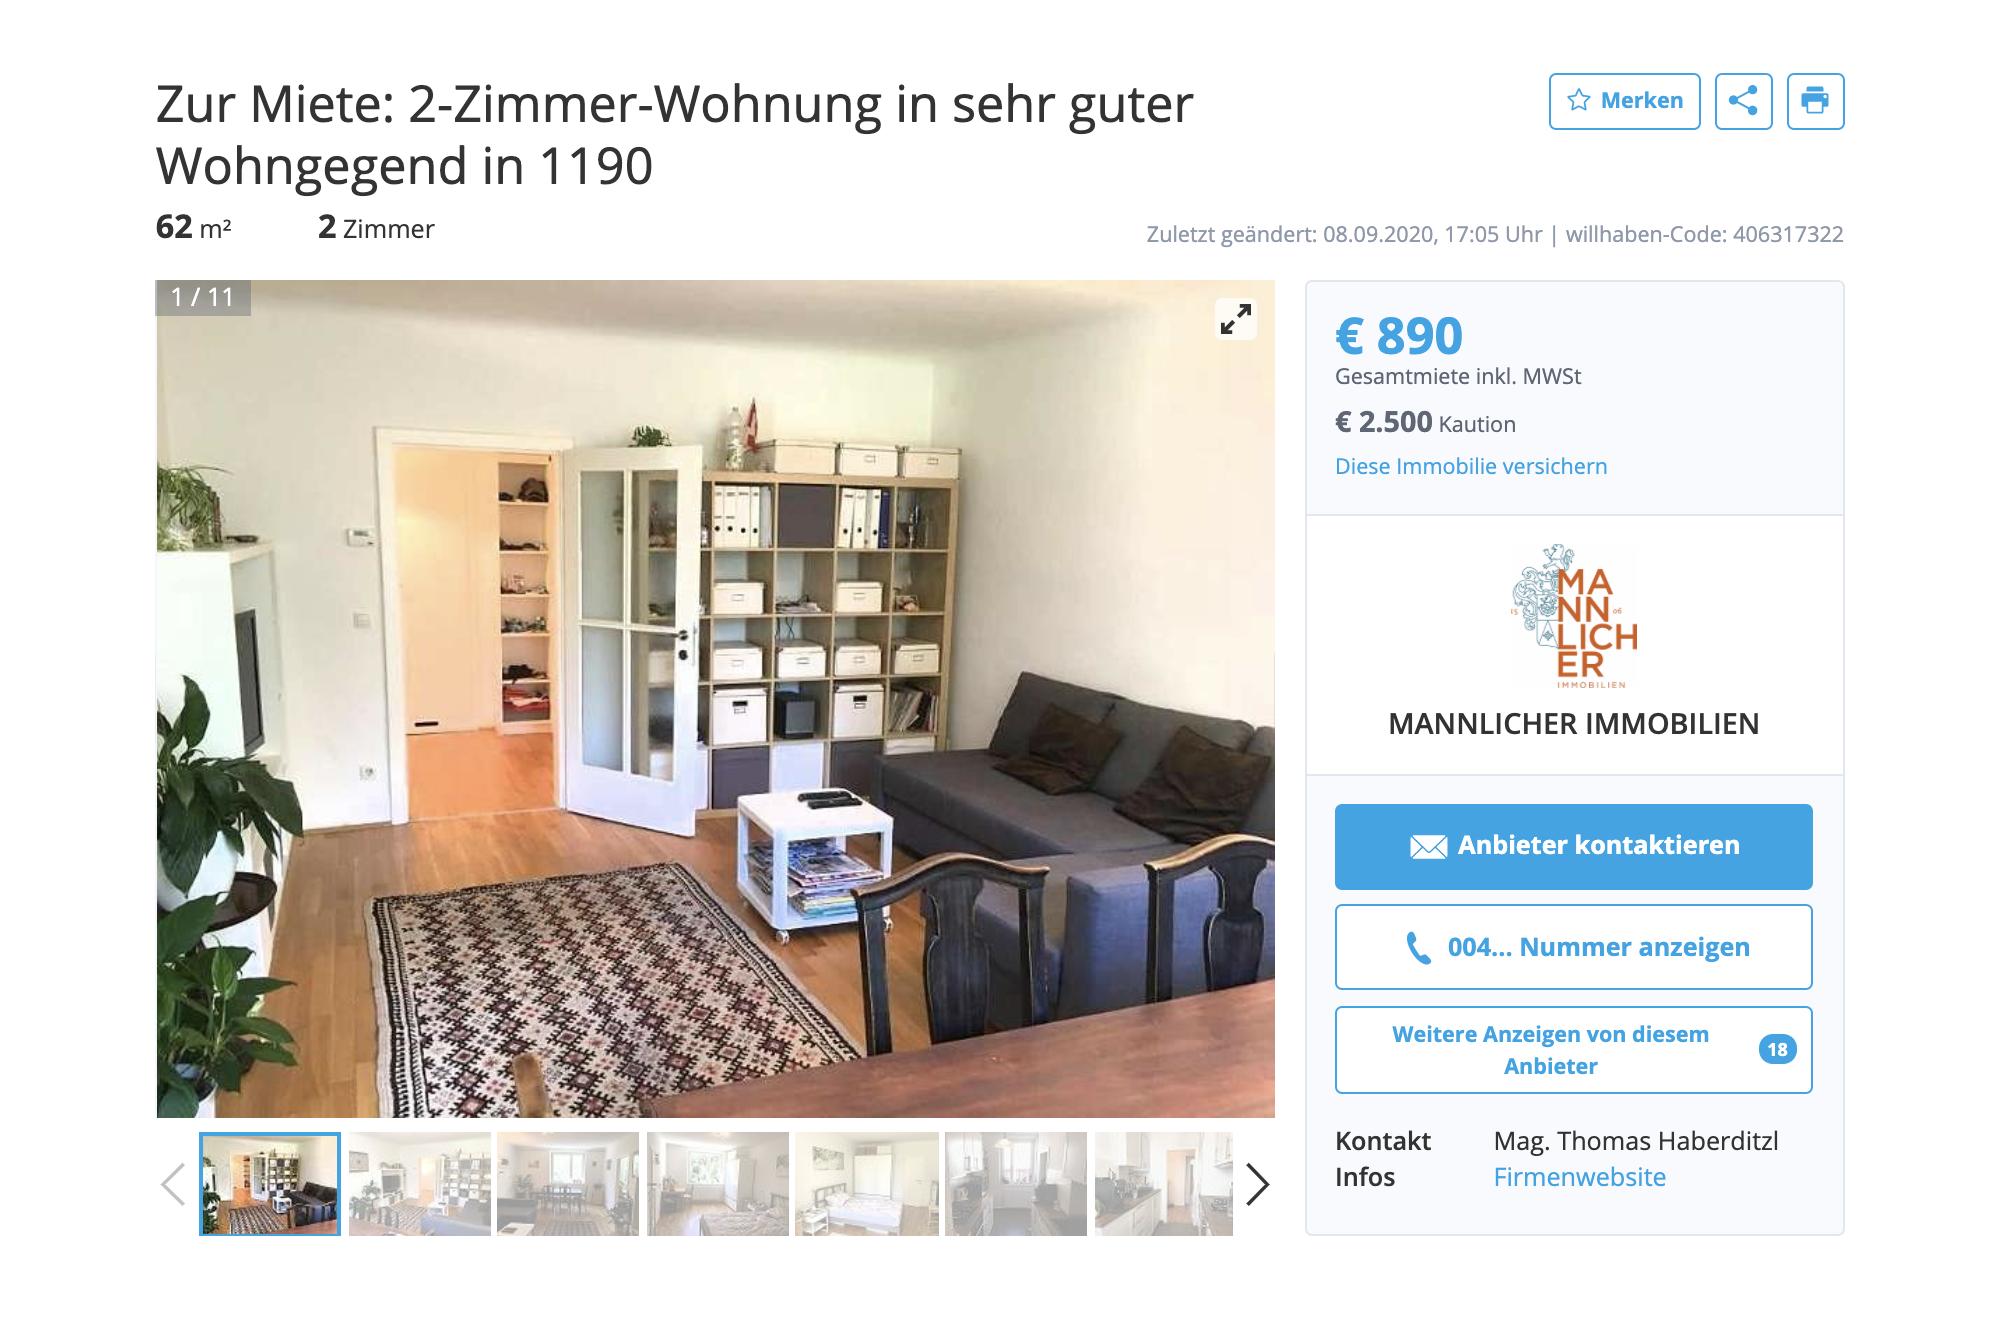 Двухкомнатная квартира с&nbsp;мебелью в&nbsp;хорошем районе — 890€ (80 990<span class=ruble>Р</span>) в&nbsp;месяц плюс залог 2500€ (227 500<span class=ruble>Р</span>)